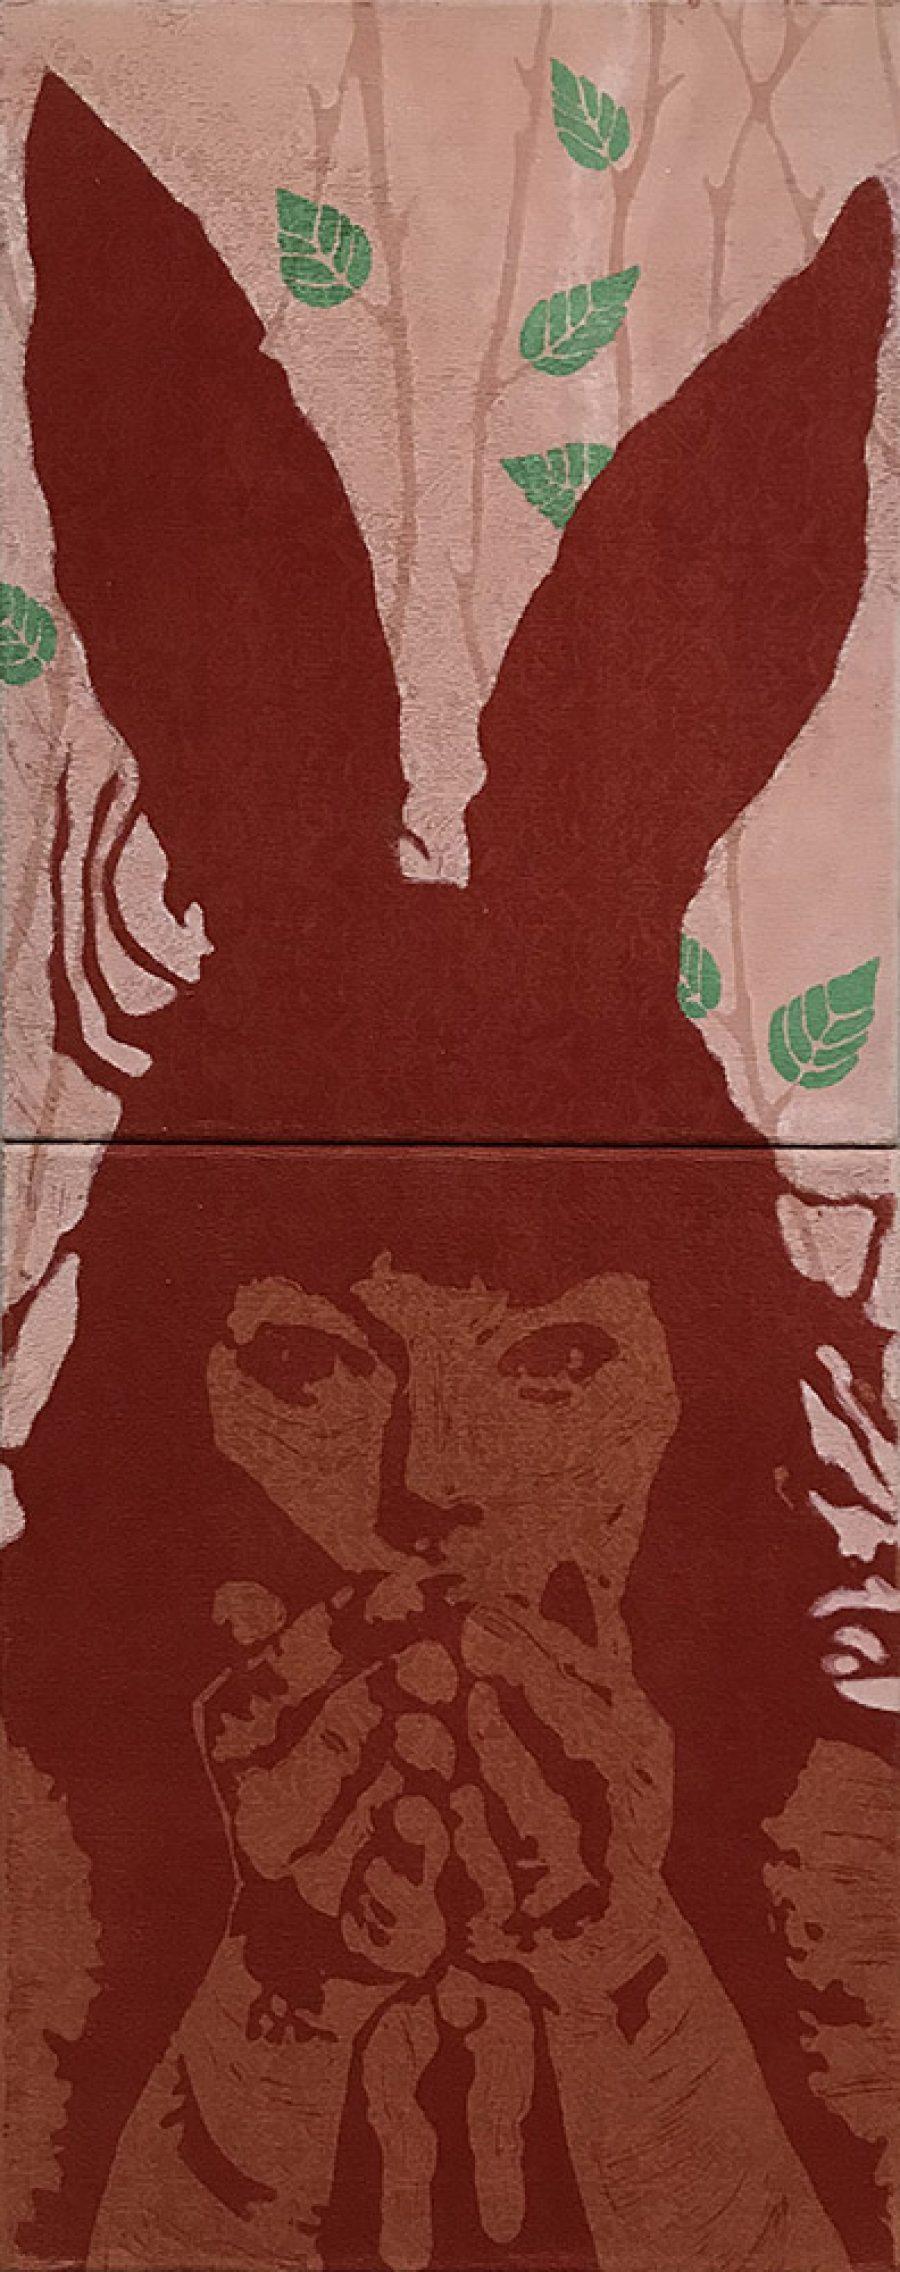 Van € 2100,-- voor € 1050,--  Rabbit Paws #3, 100 x 40 cm, tweeluik, gemengde technieken op doek, 2004